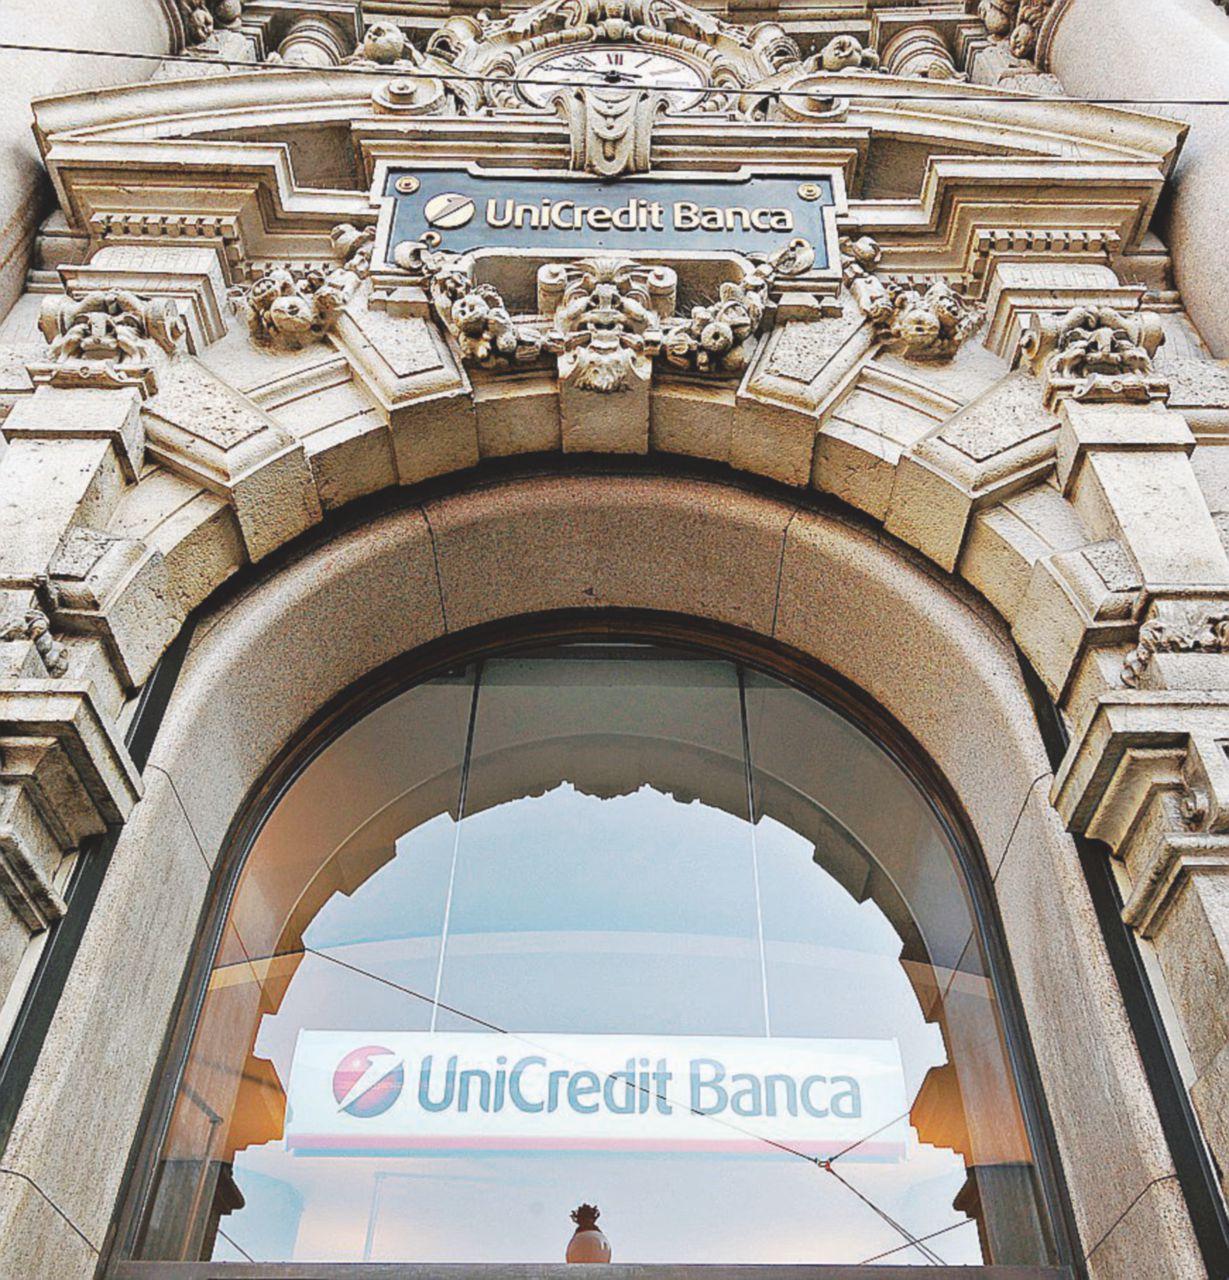 Unicredit vende i gioielli: Pioneer finisce ai francesi